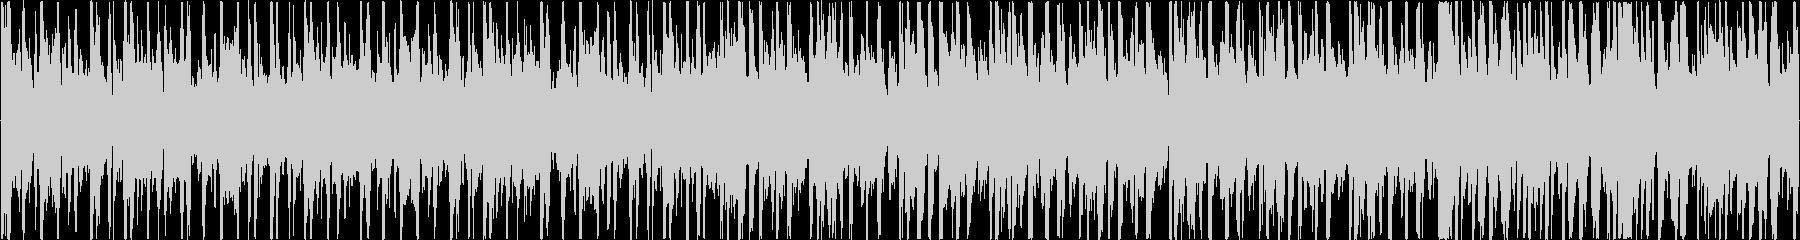 ノリノリのファンク (ループ可)の未再生の波形